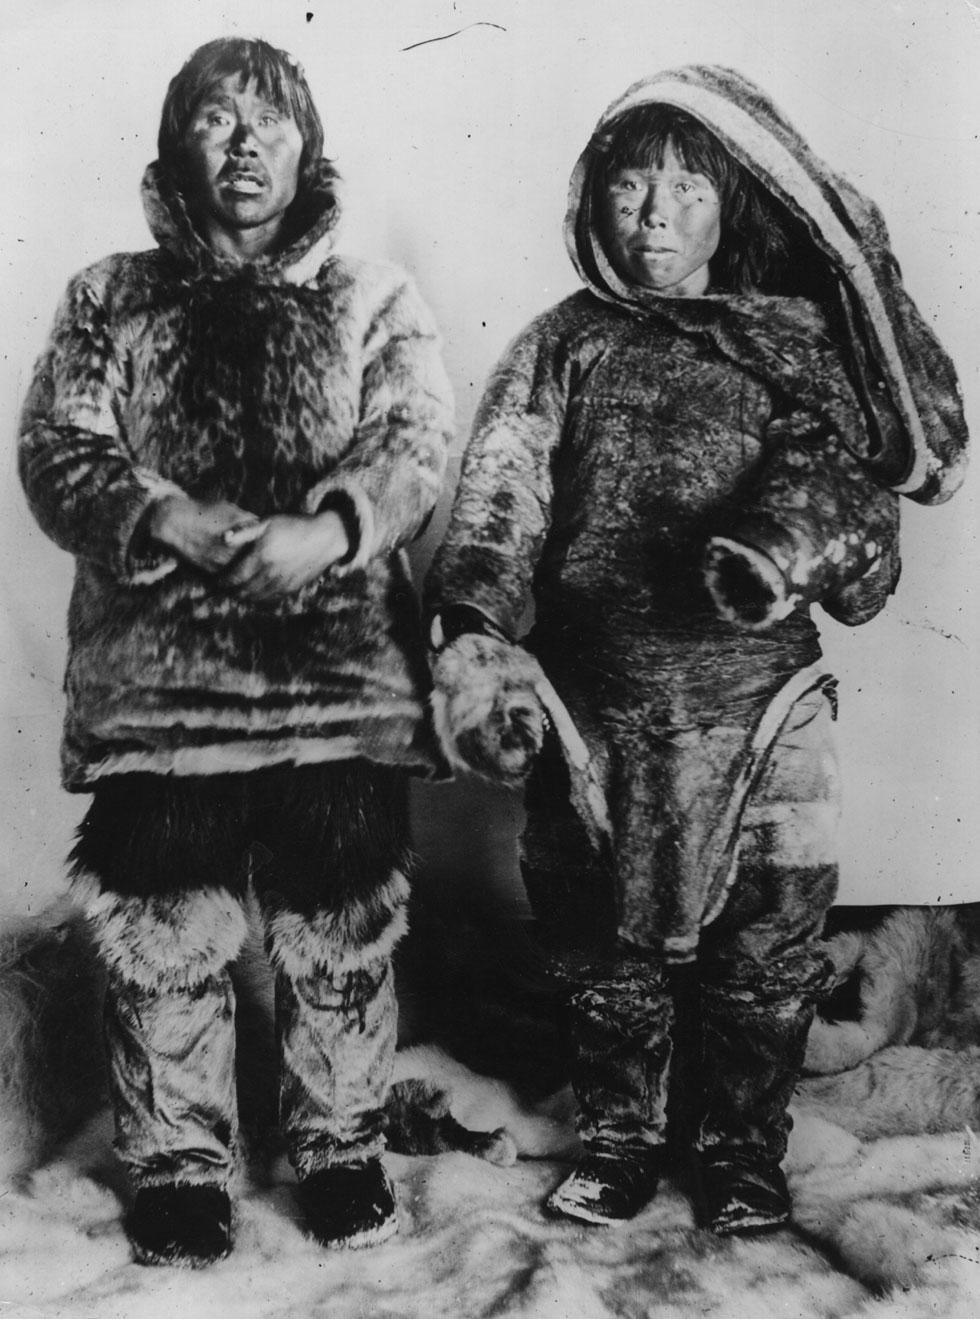 לא עניין של אופנה. ילידים אינואיטים בשנת 1914 (צילום: gettyimages)